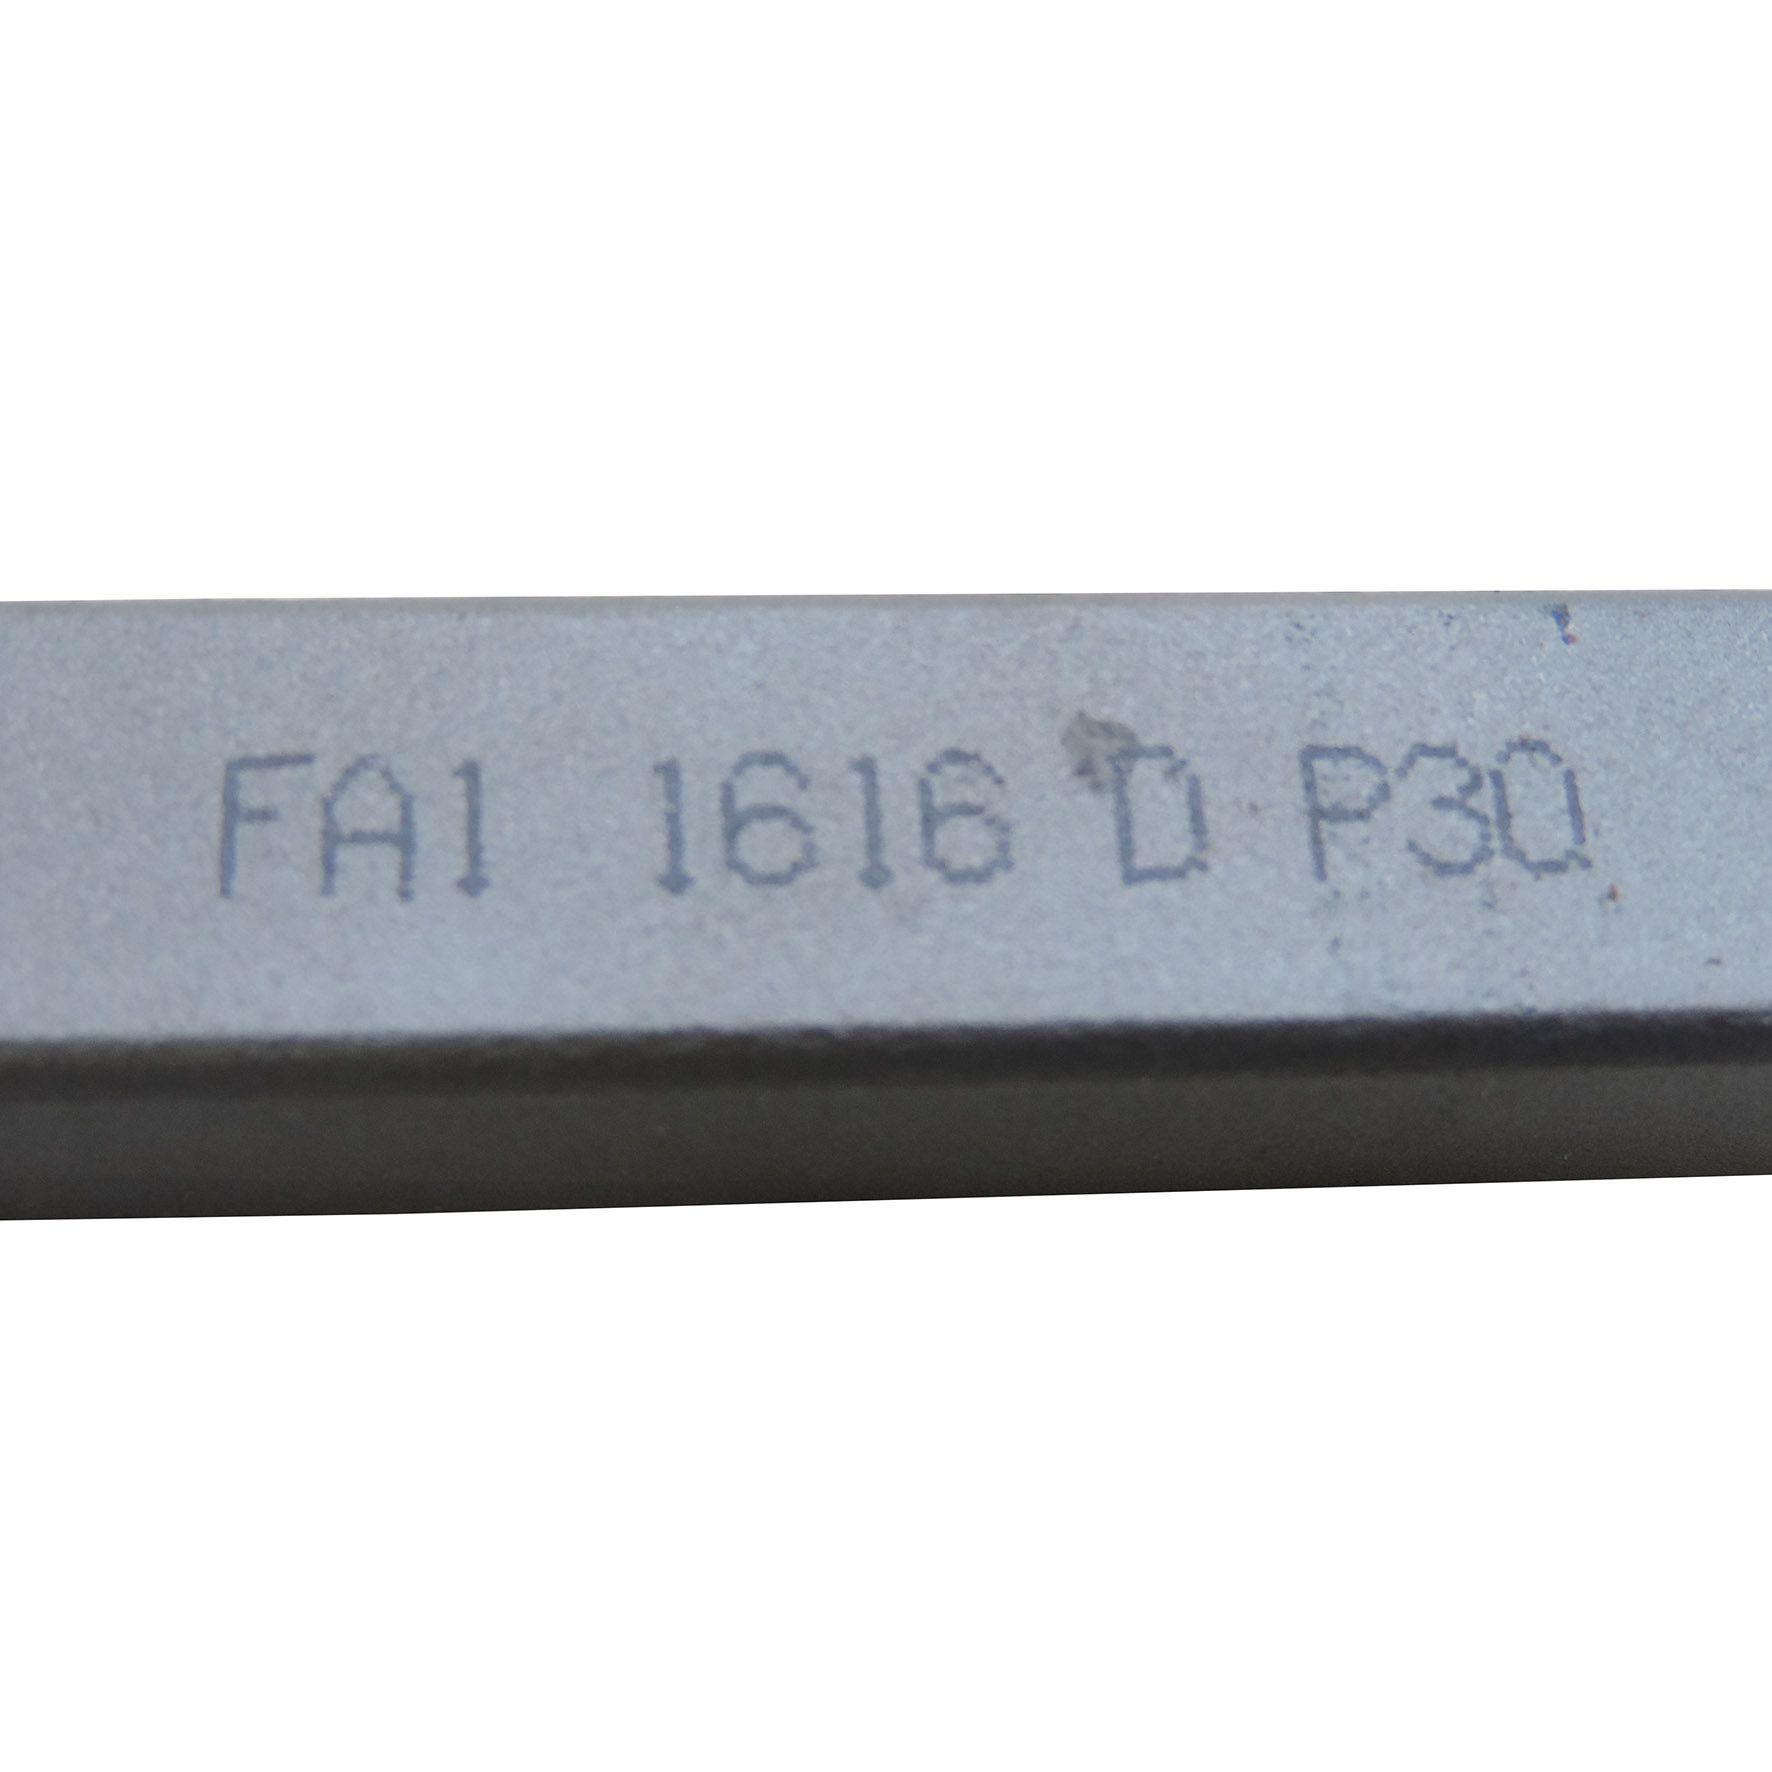 Ferramenta Para Torno Acanalar Interno - FAI 1616 D P30